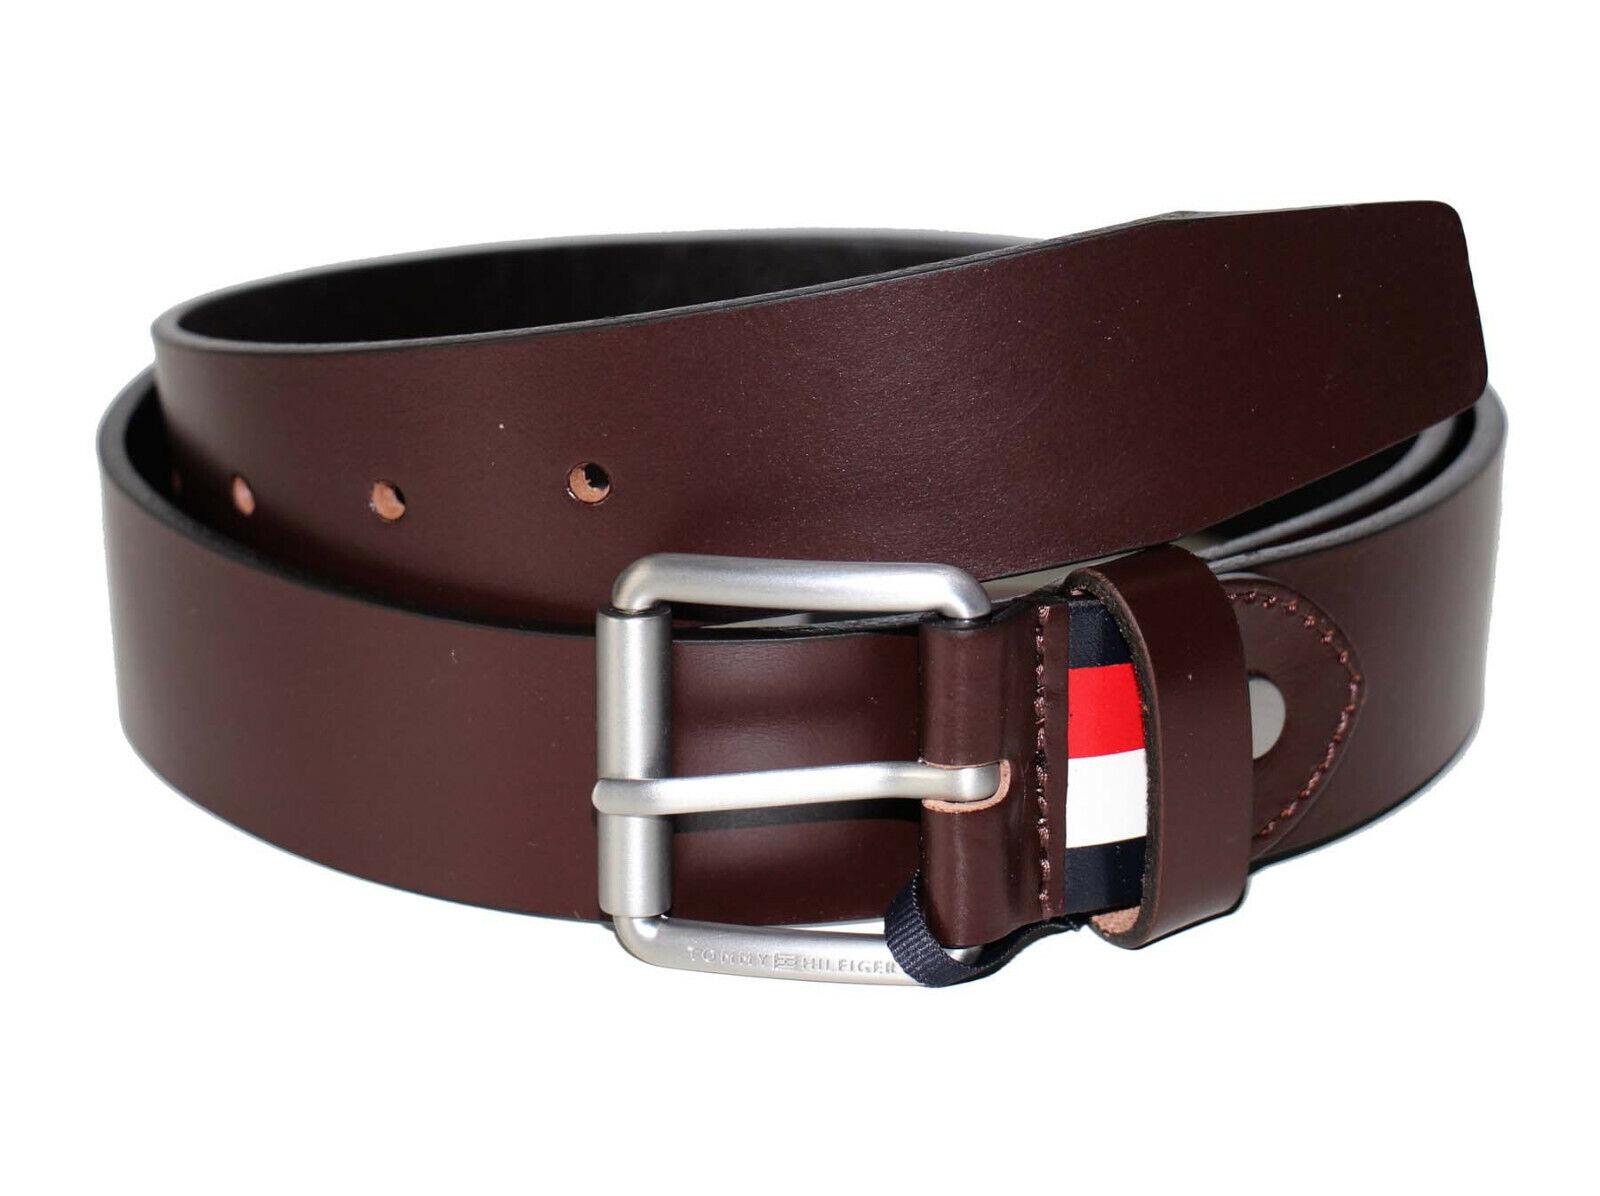 Tommy Hilfiger Downtown Roller Buckle Belt 3,5 Adj Leather Belt